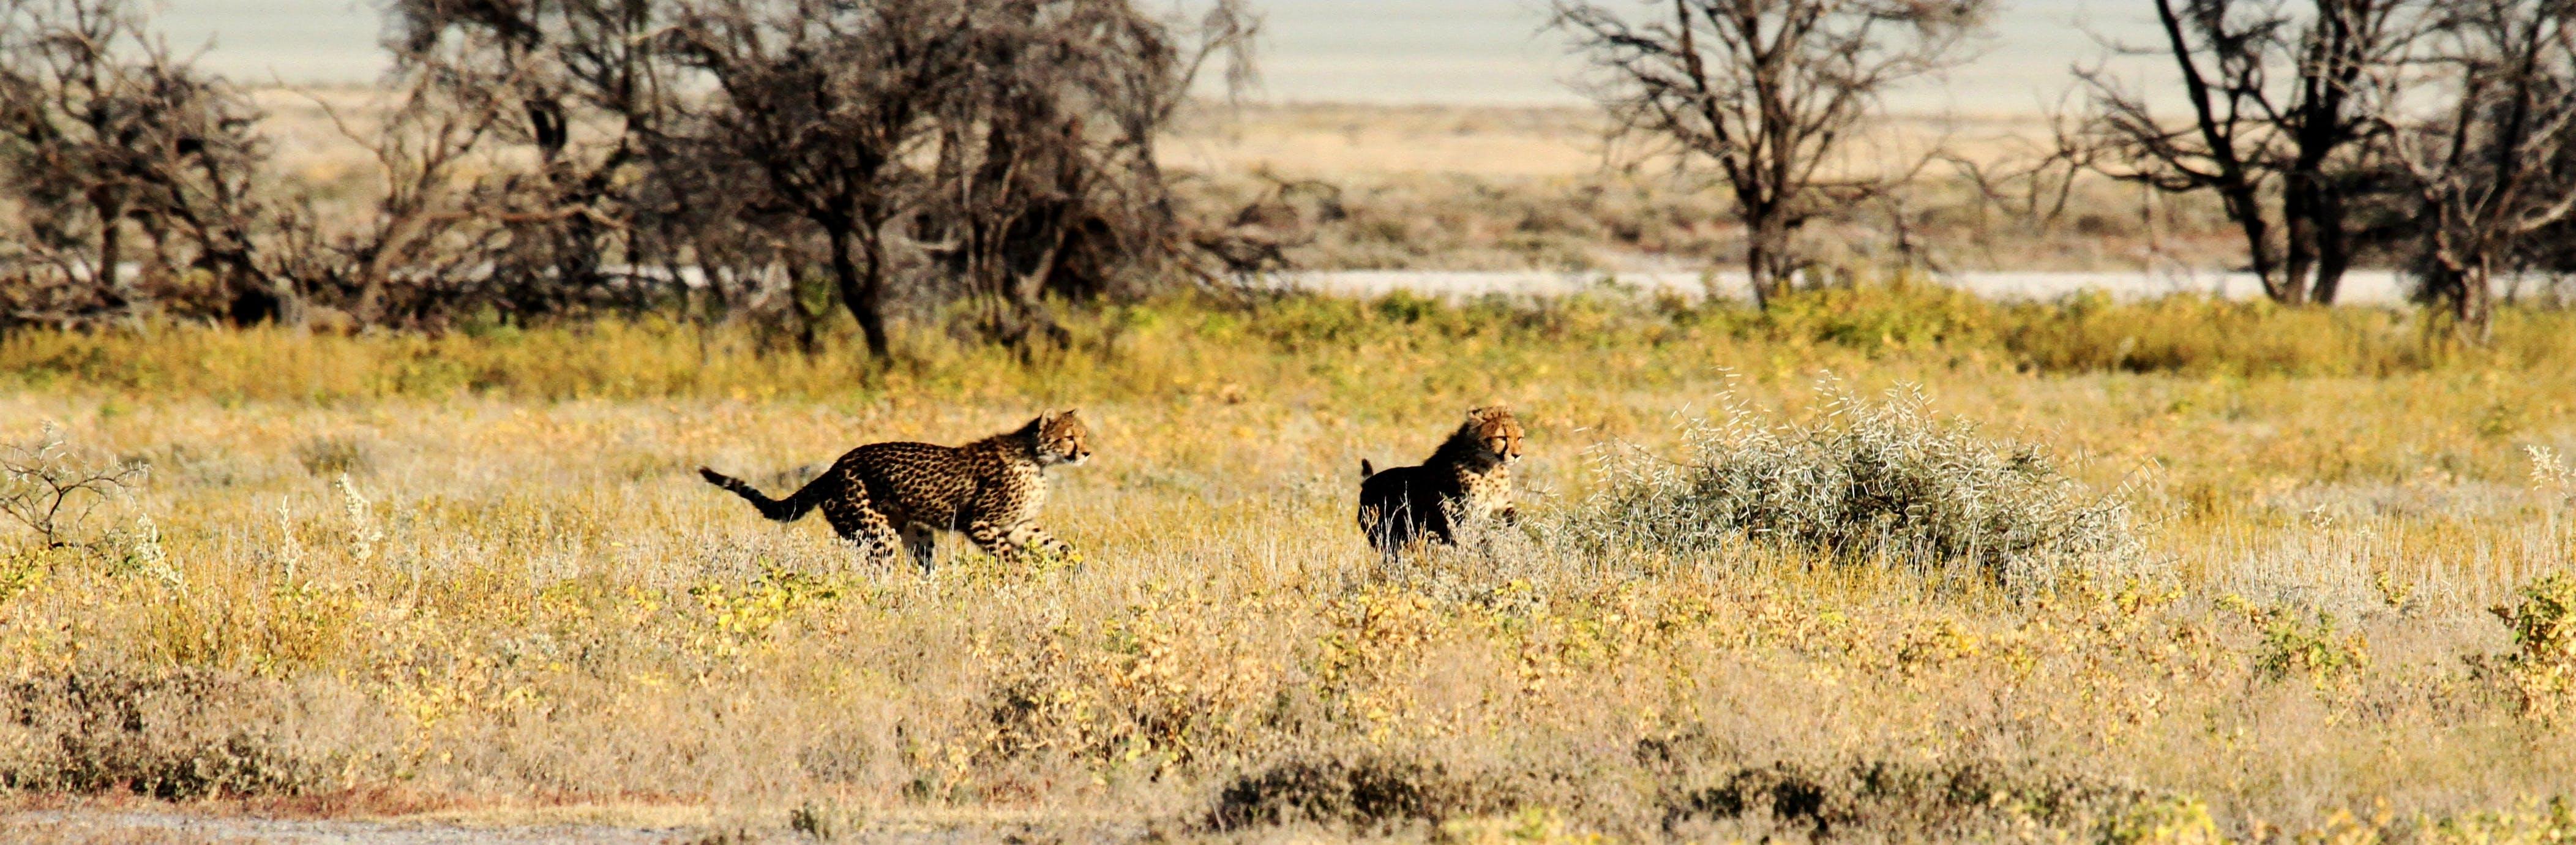 Free stock photo of africa, safari, cheetah, etosha